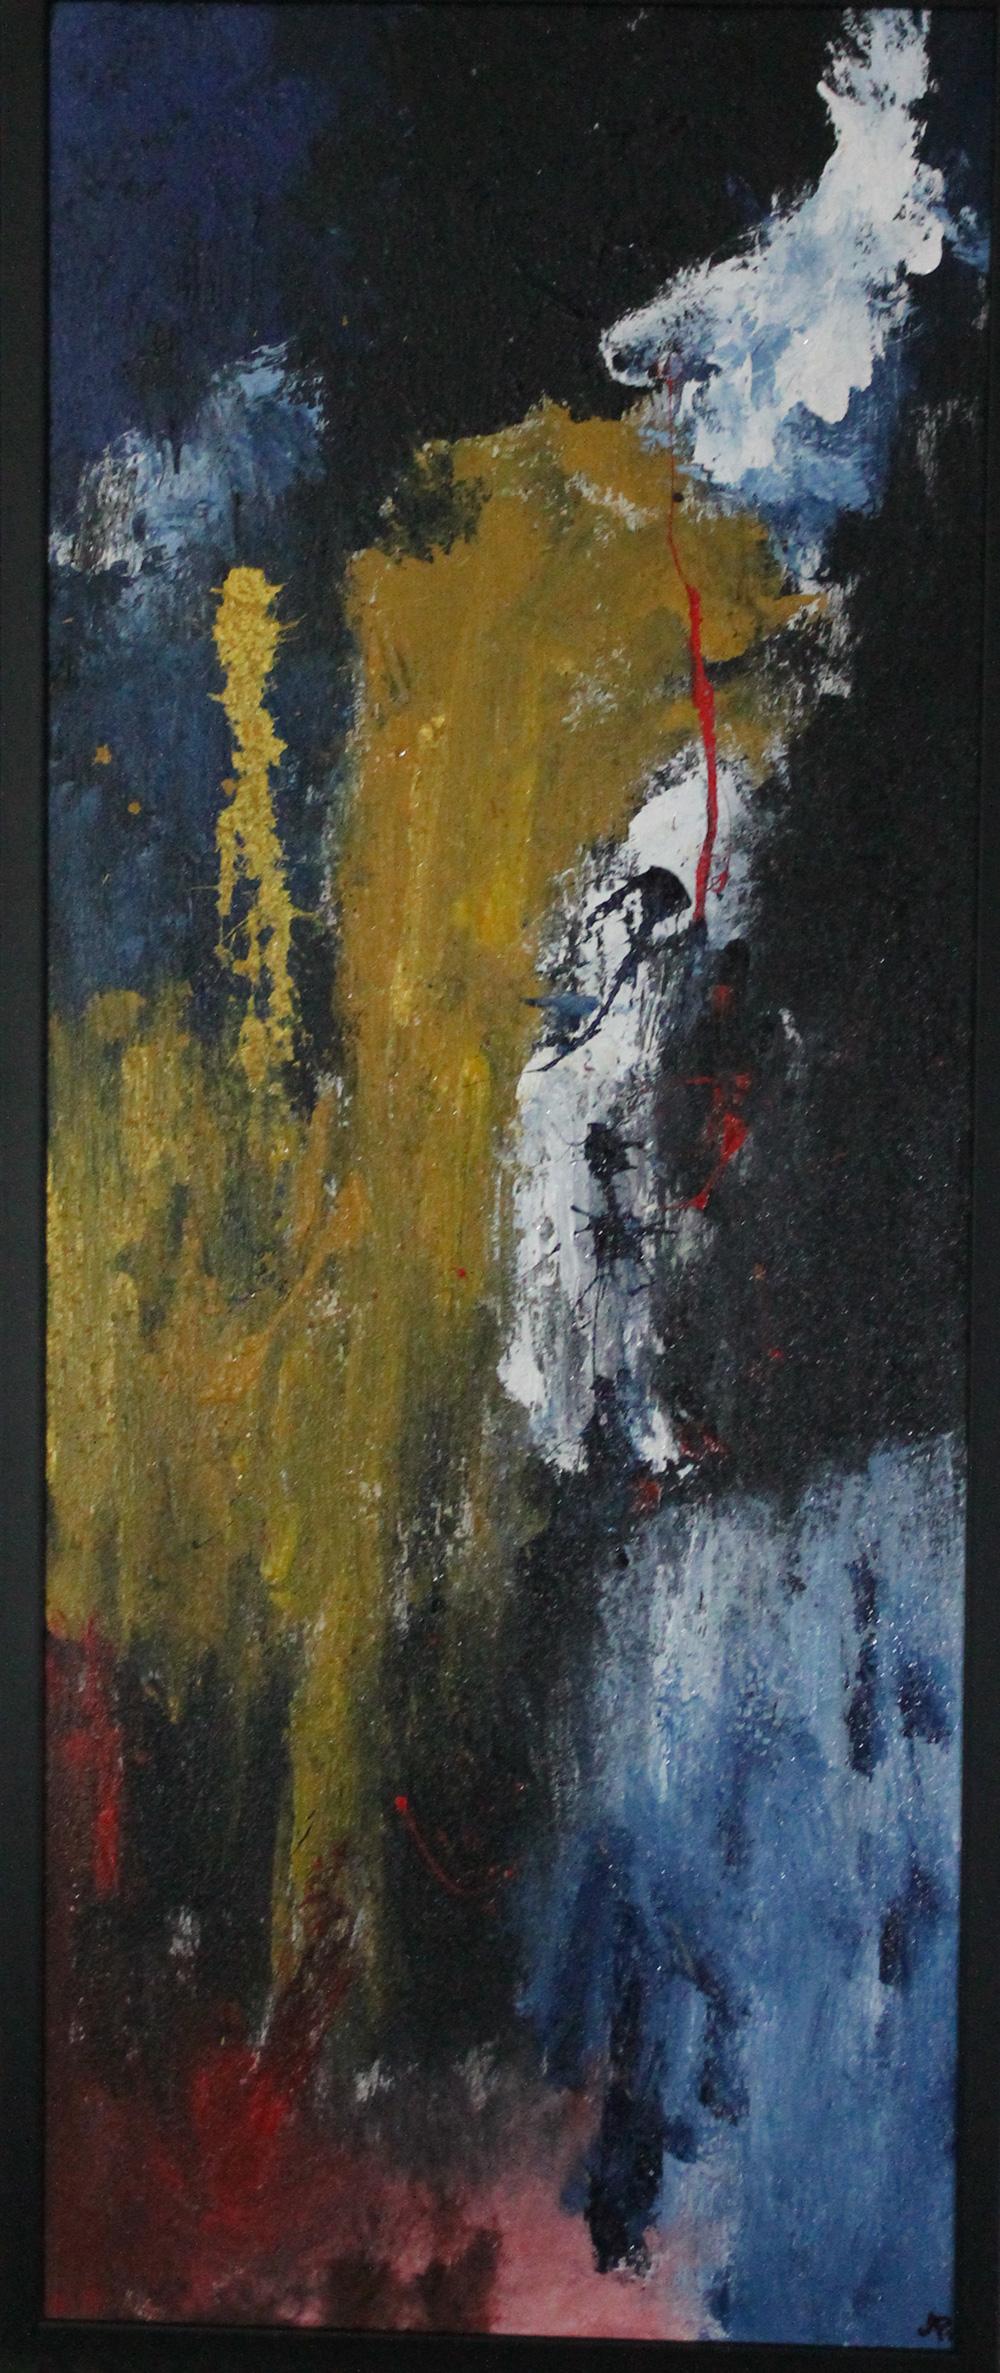 Alessandro Priolo La notte parla Acrilico e materico su tela 100x50 cm